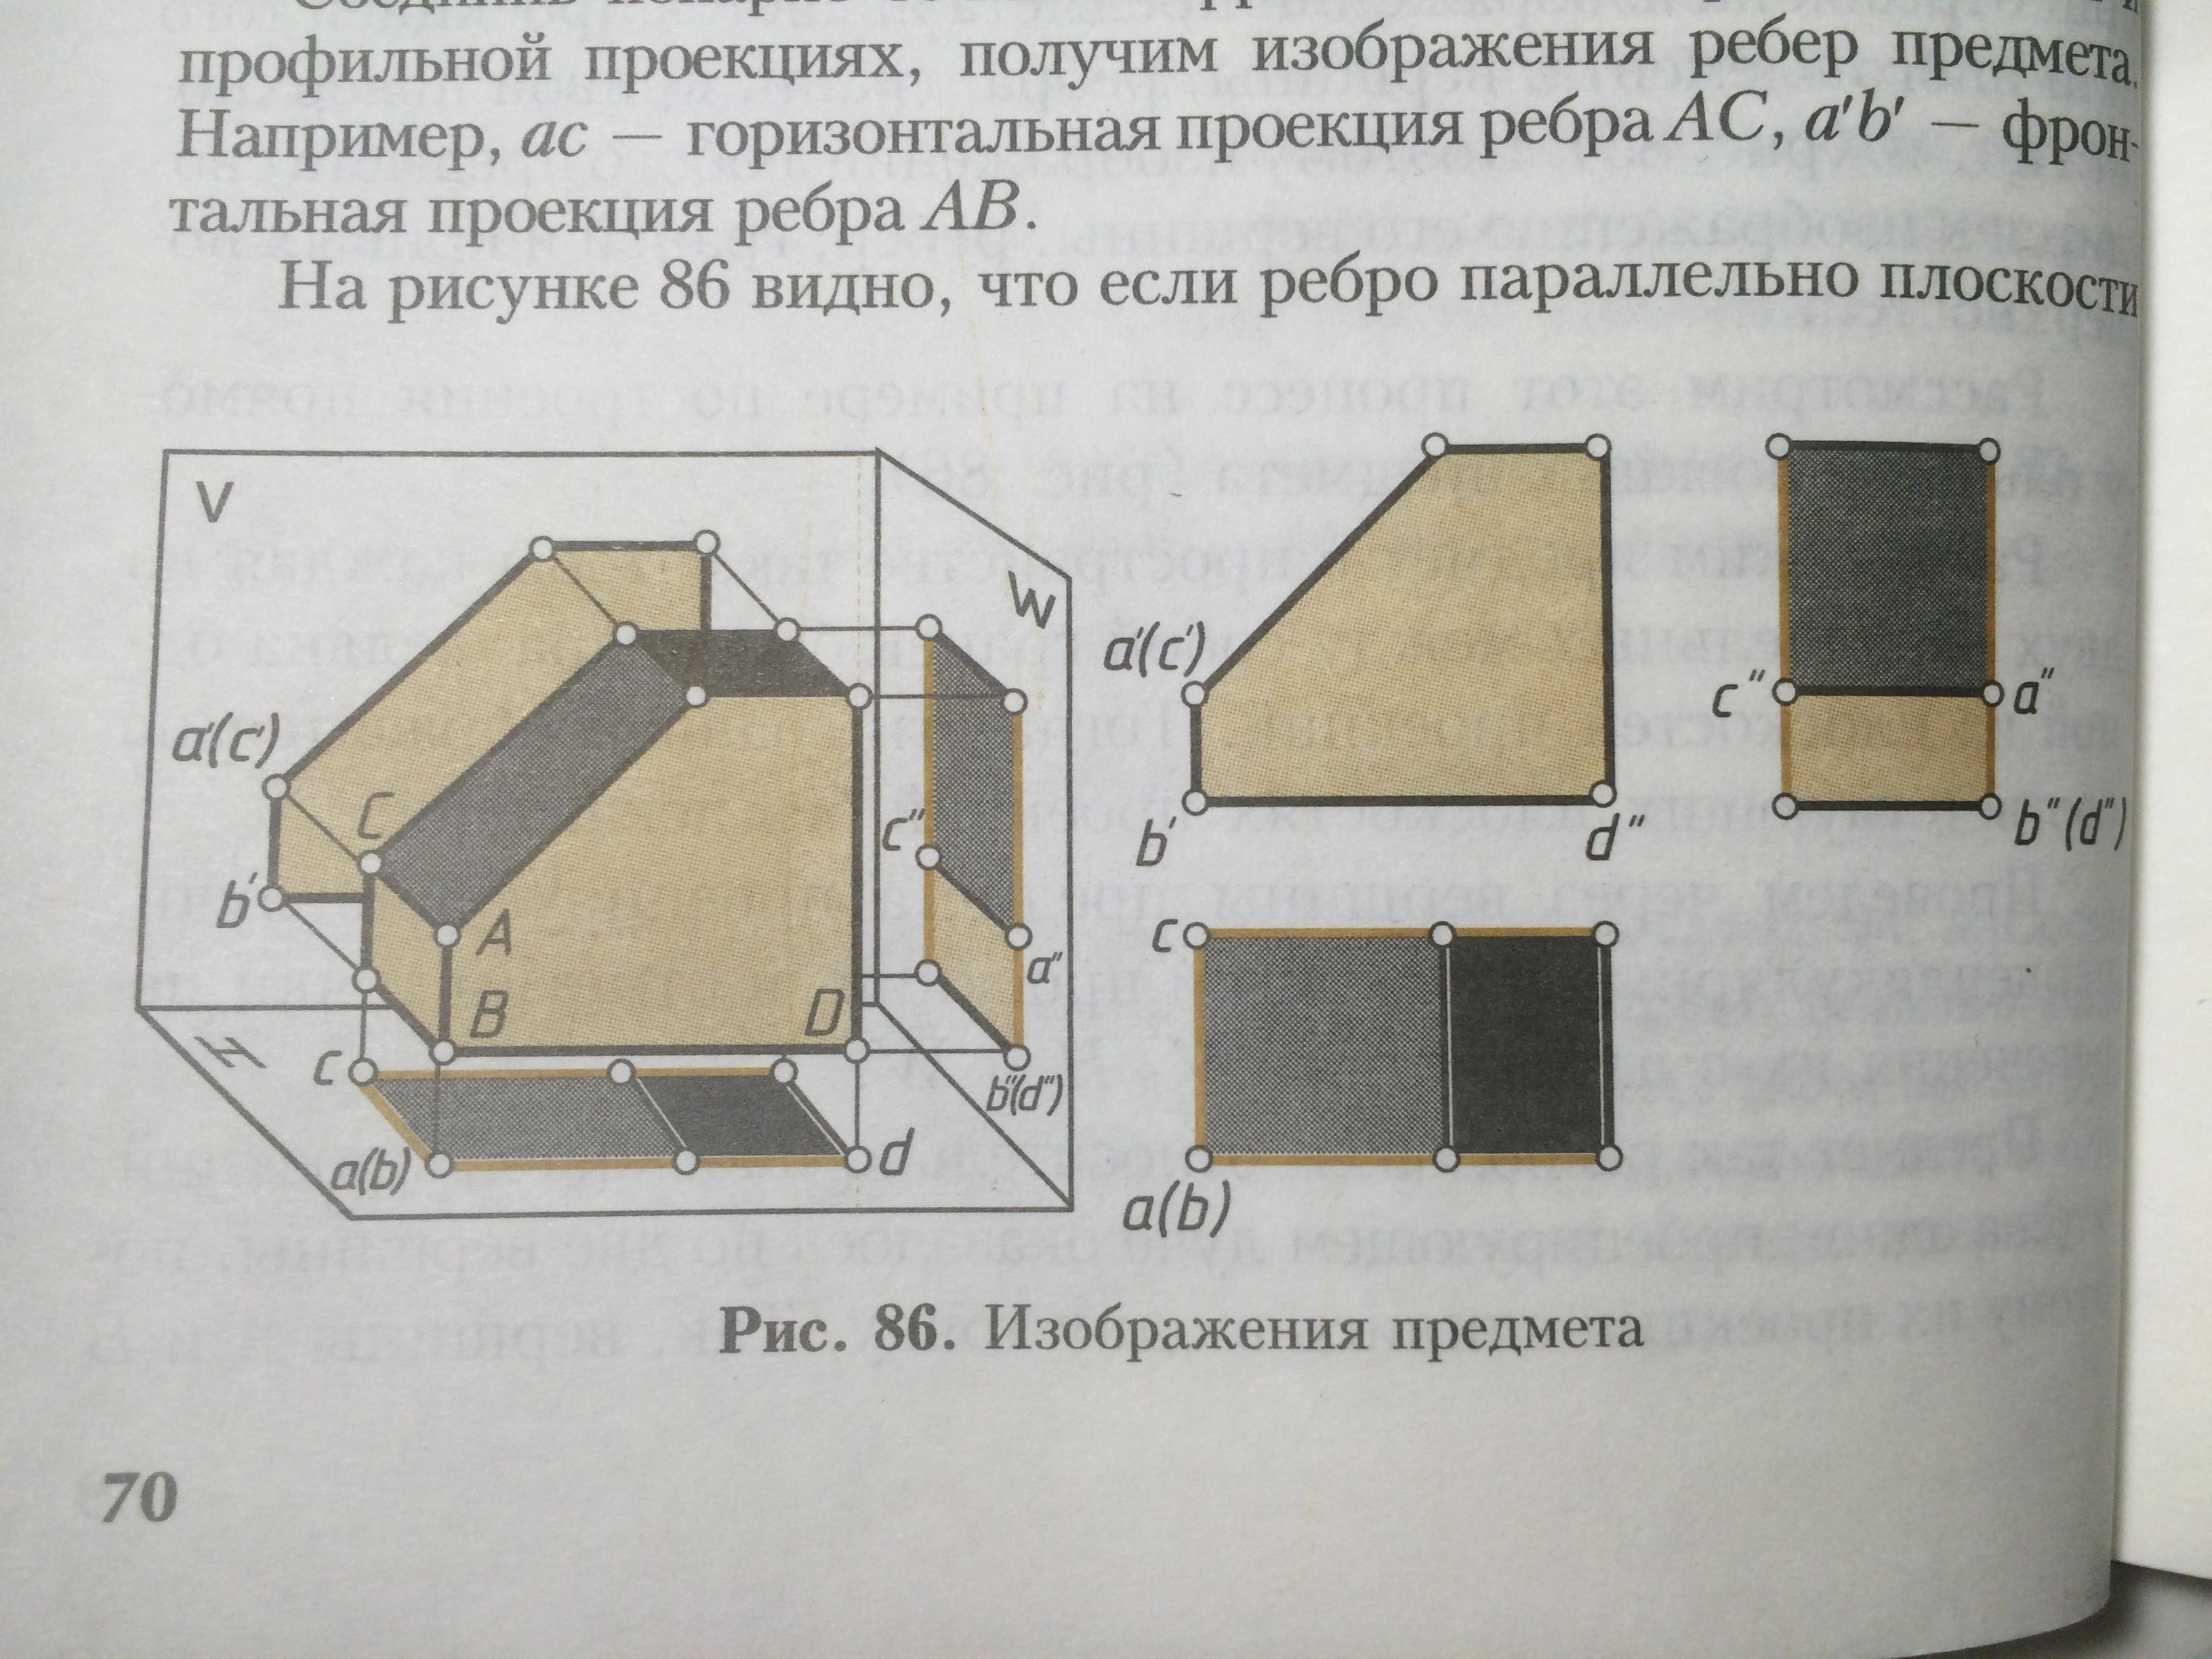 D:\ира\Рисовалки редктированные\черчение\уроки 10 кл\проекции вершин граней ребер\IMG_4156.JPG